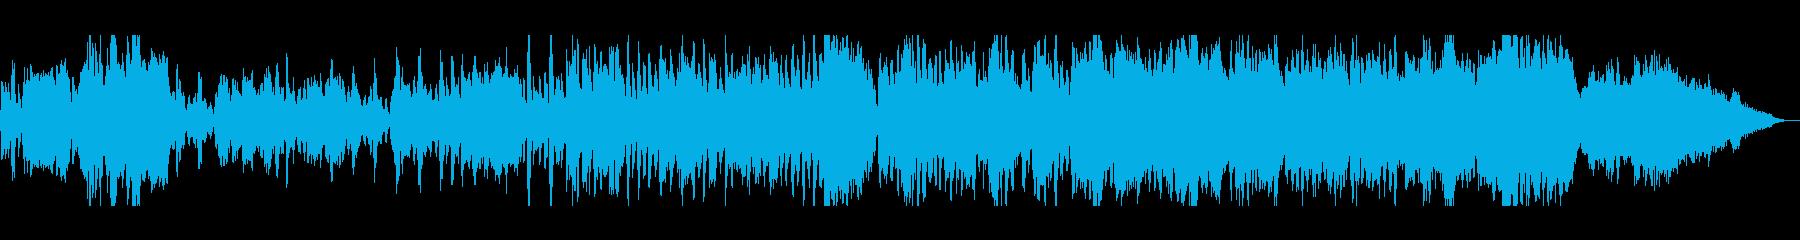 軽やかで優しいイージーリスニングの再生済みの波形